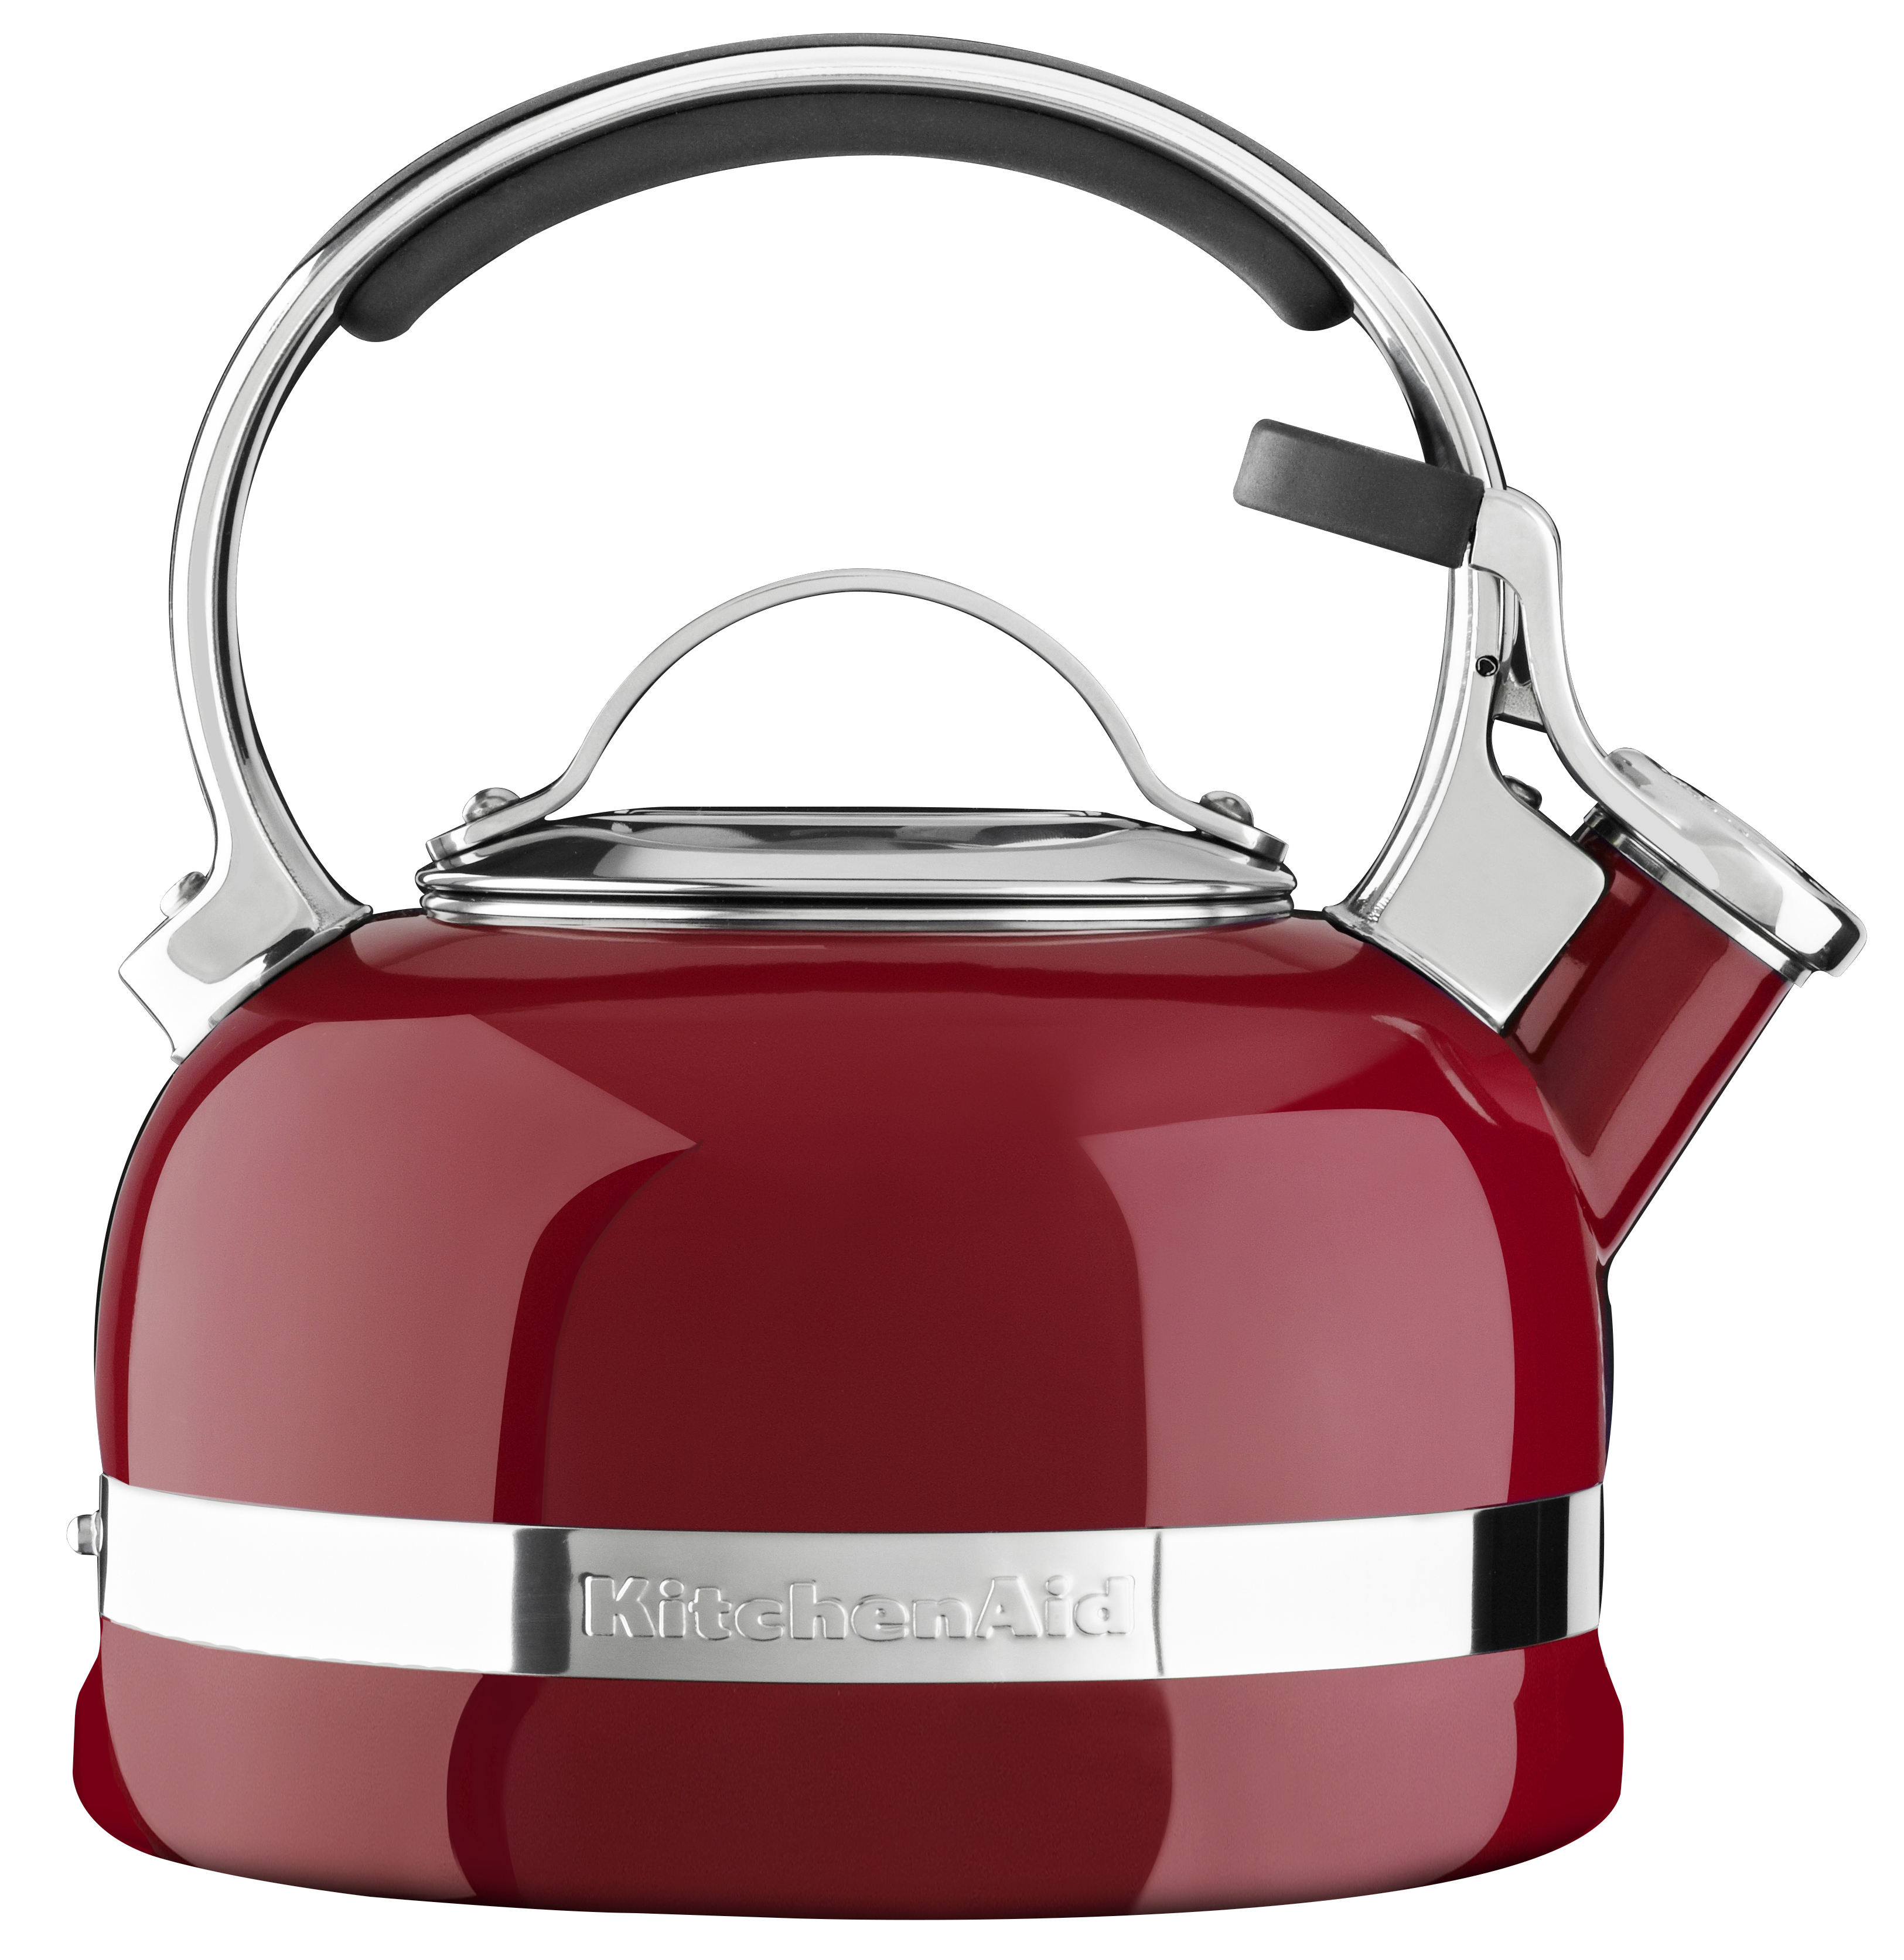 KitchenAid Pipkittel Röd 19 liter